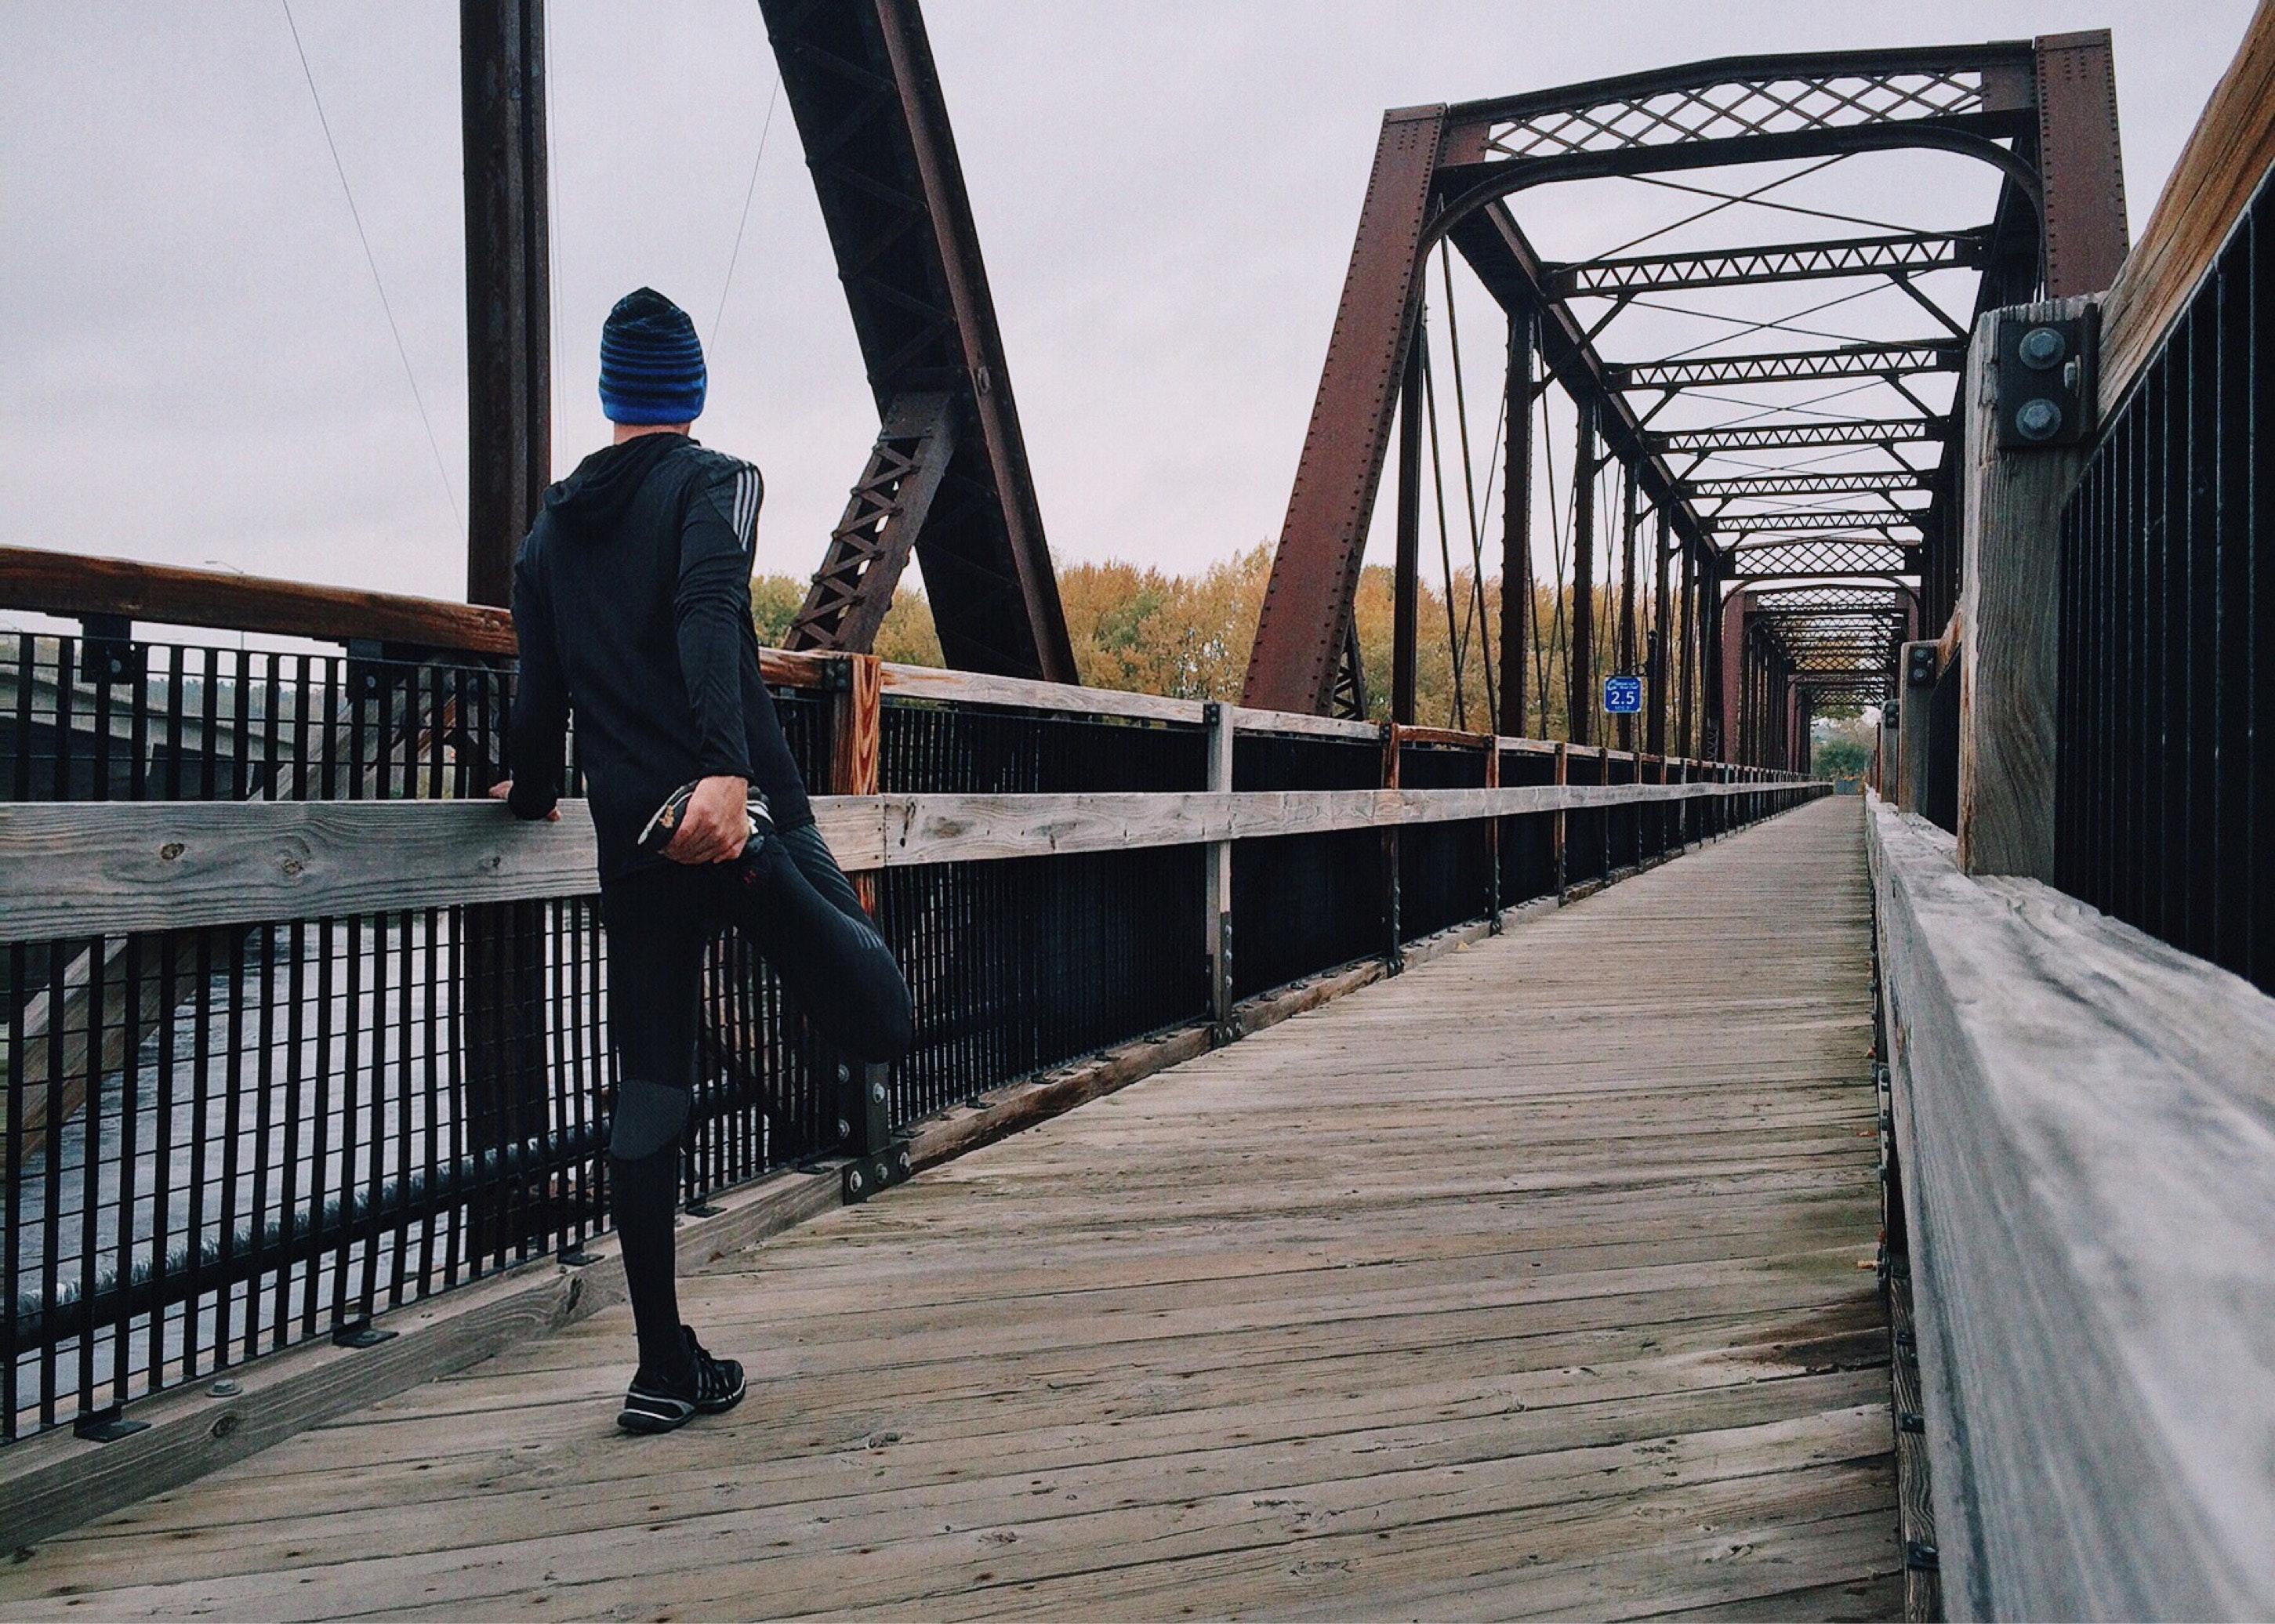 การที่เราจะออกกำลังกายให้ได้ผลมากที่สุด เคลียร์ให้ชัด ช่วงไหนถึงจะเวิร์ก